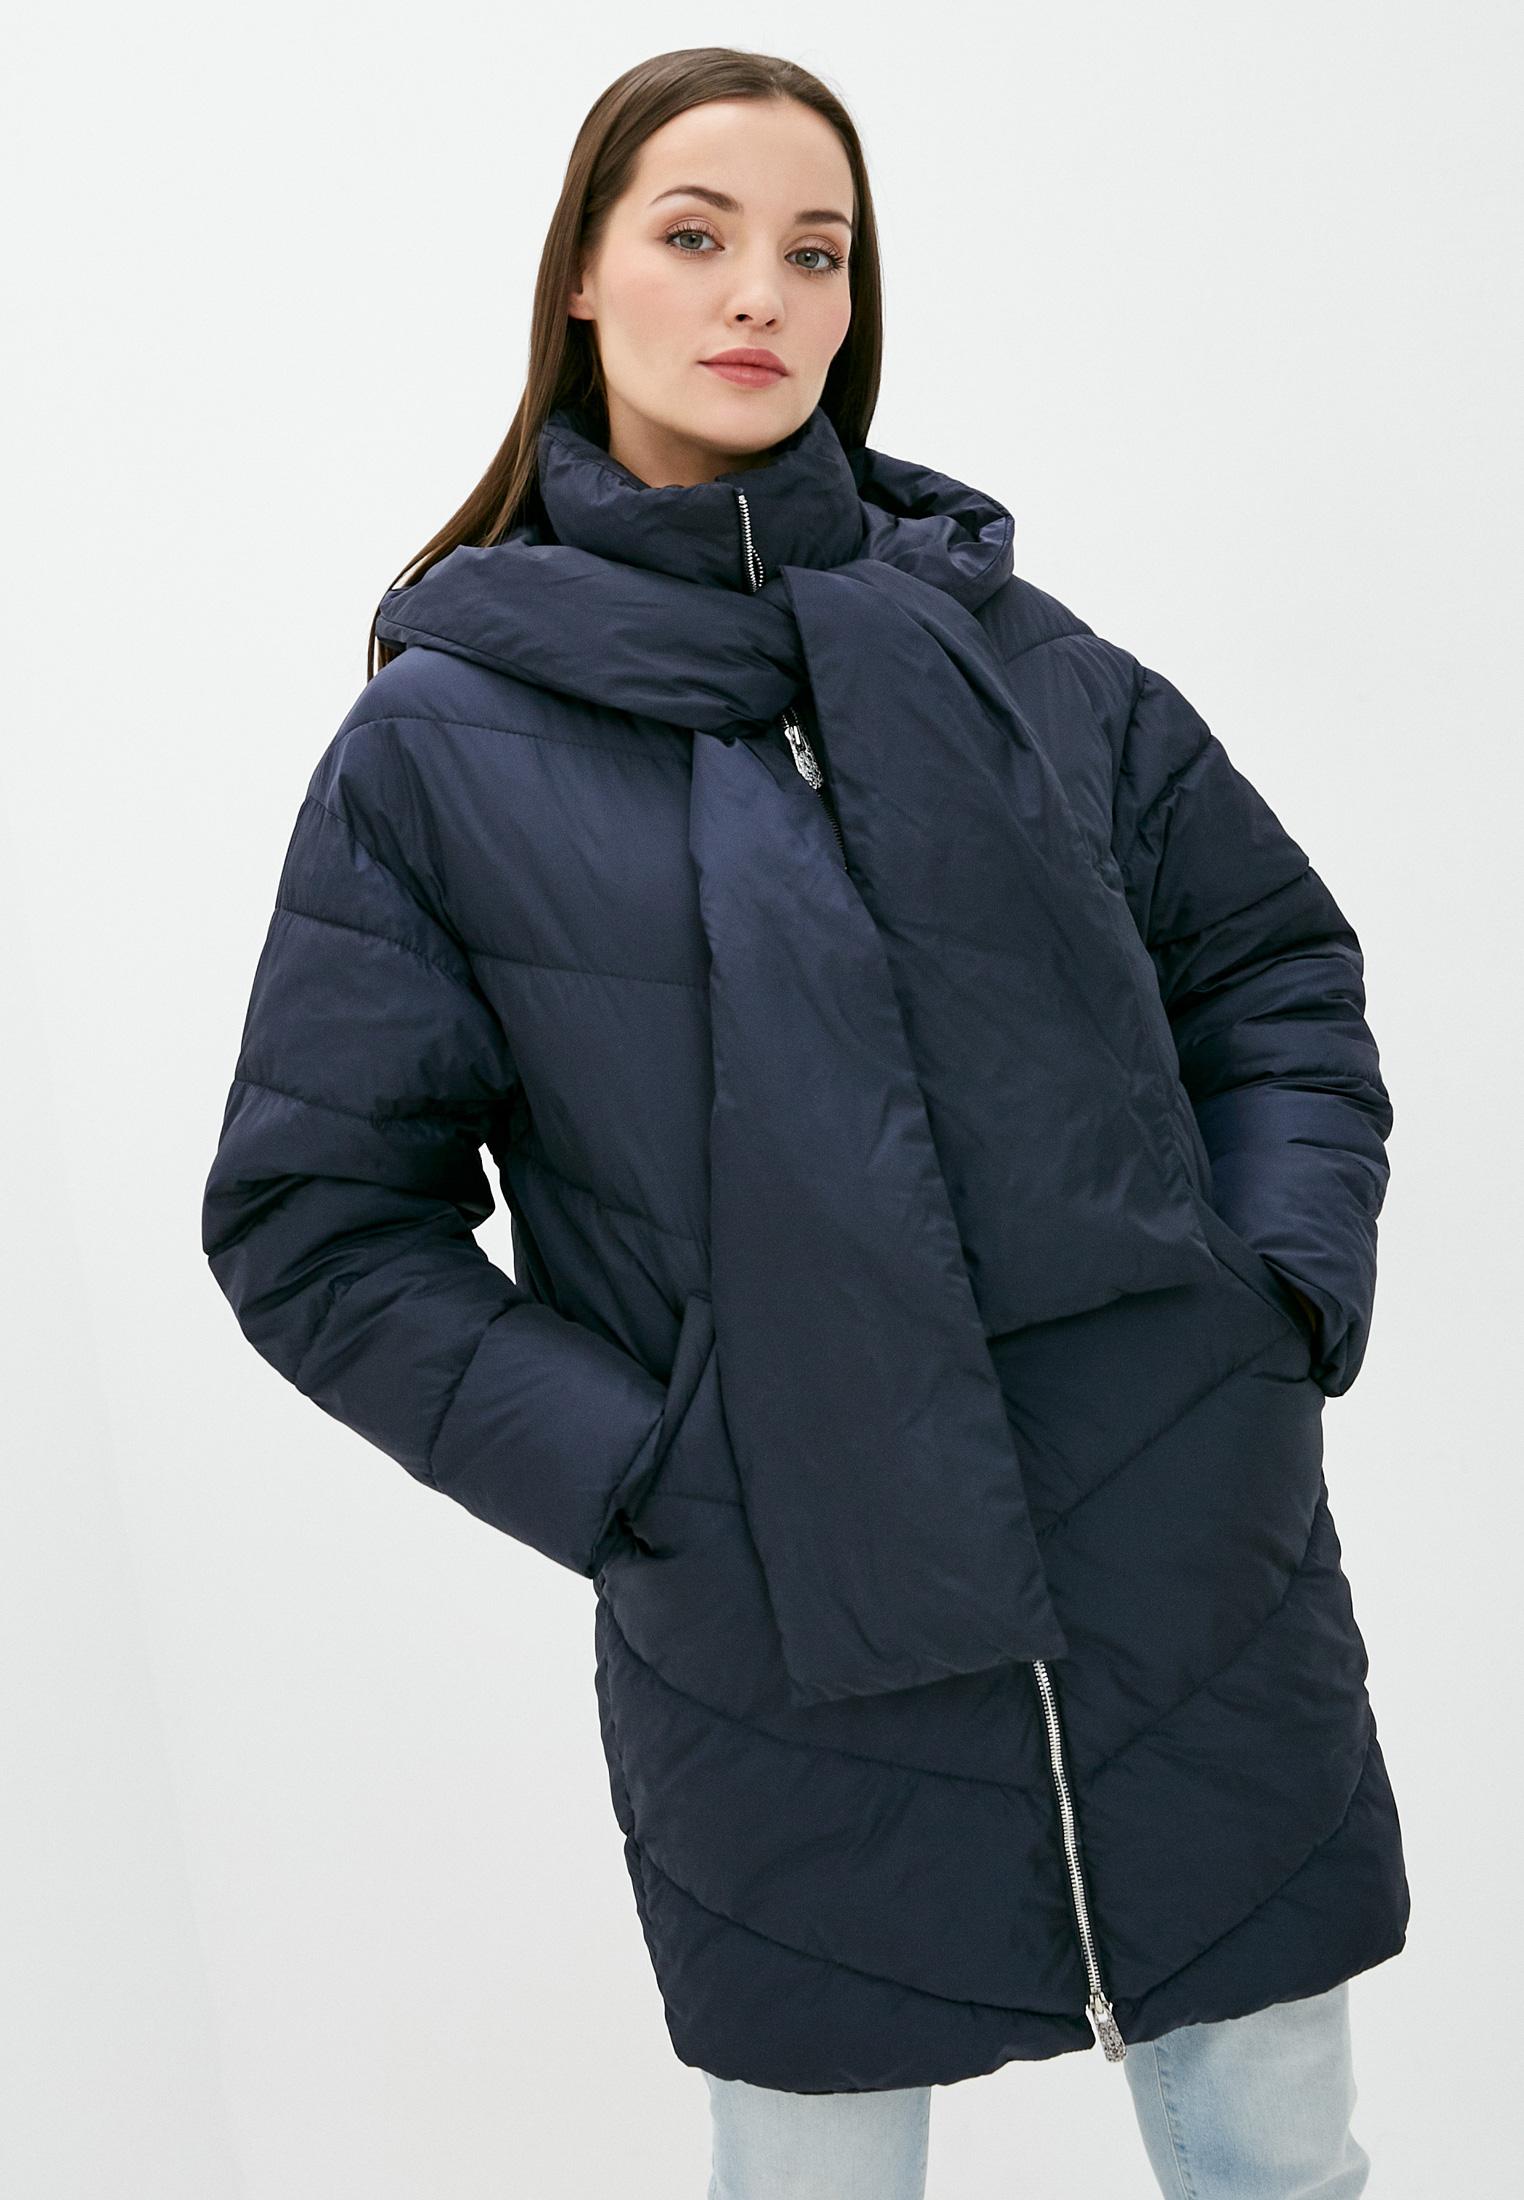 Куртка утепленная Северина купить за 5 000 ₽ в интернет-магазине Lamoda.ru